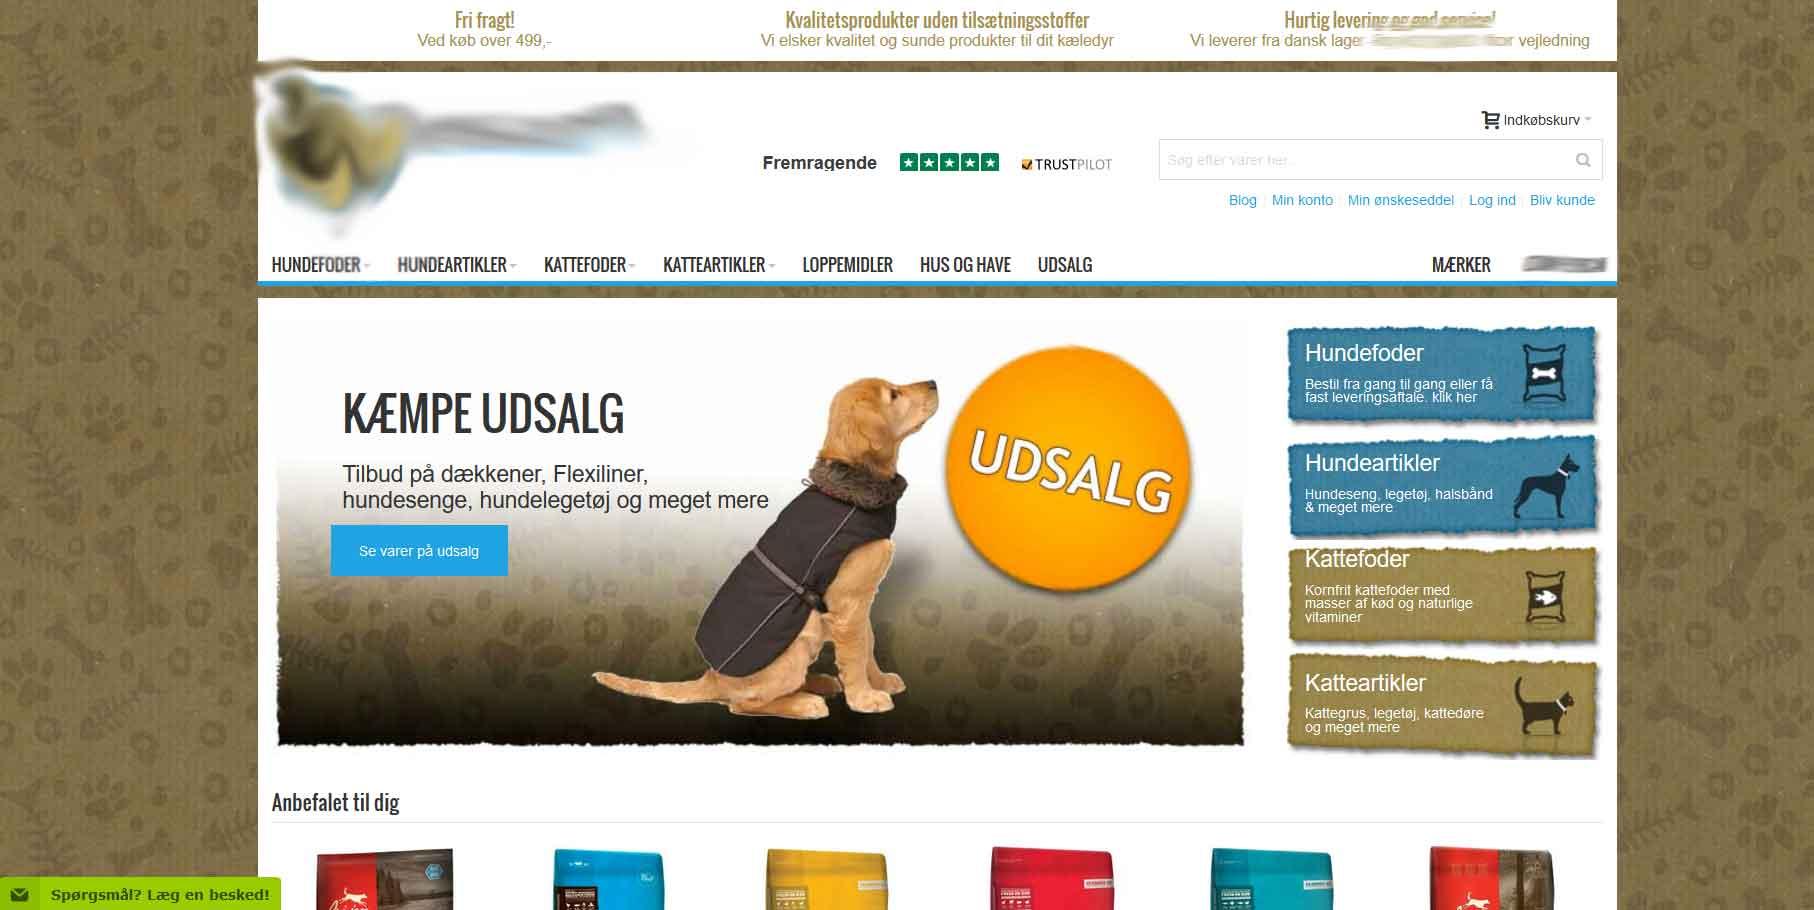 Populær hunde webshop i vækst